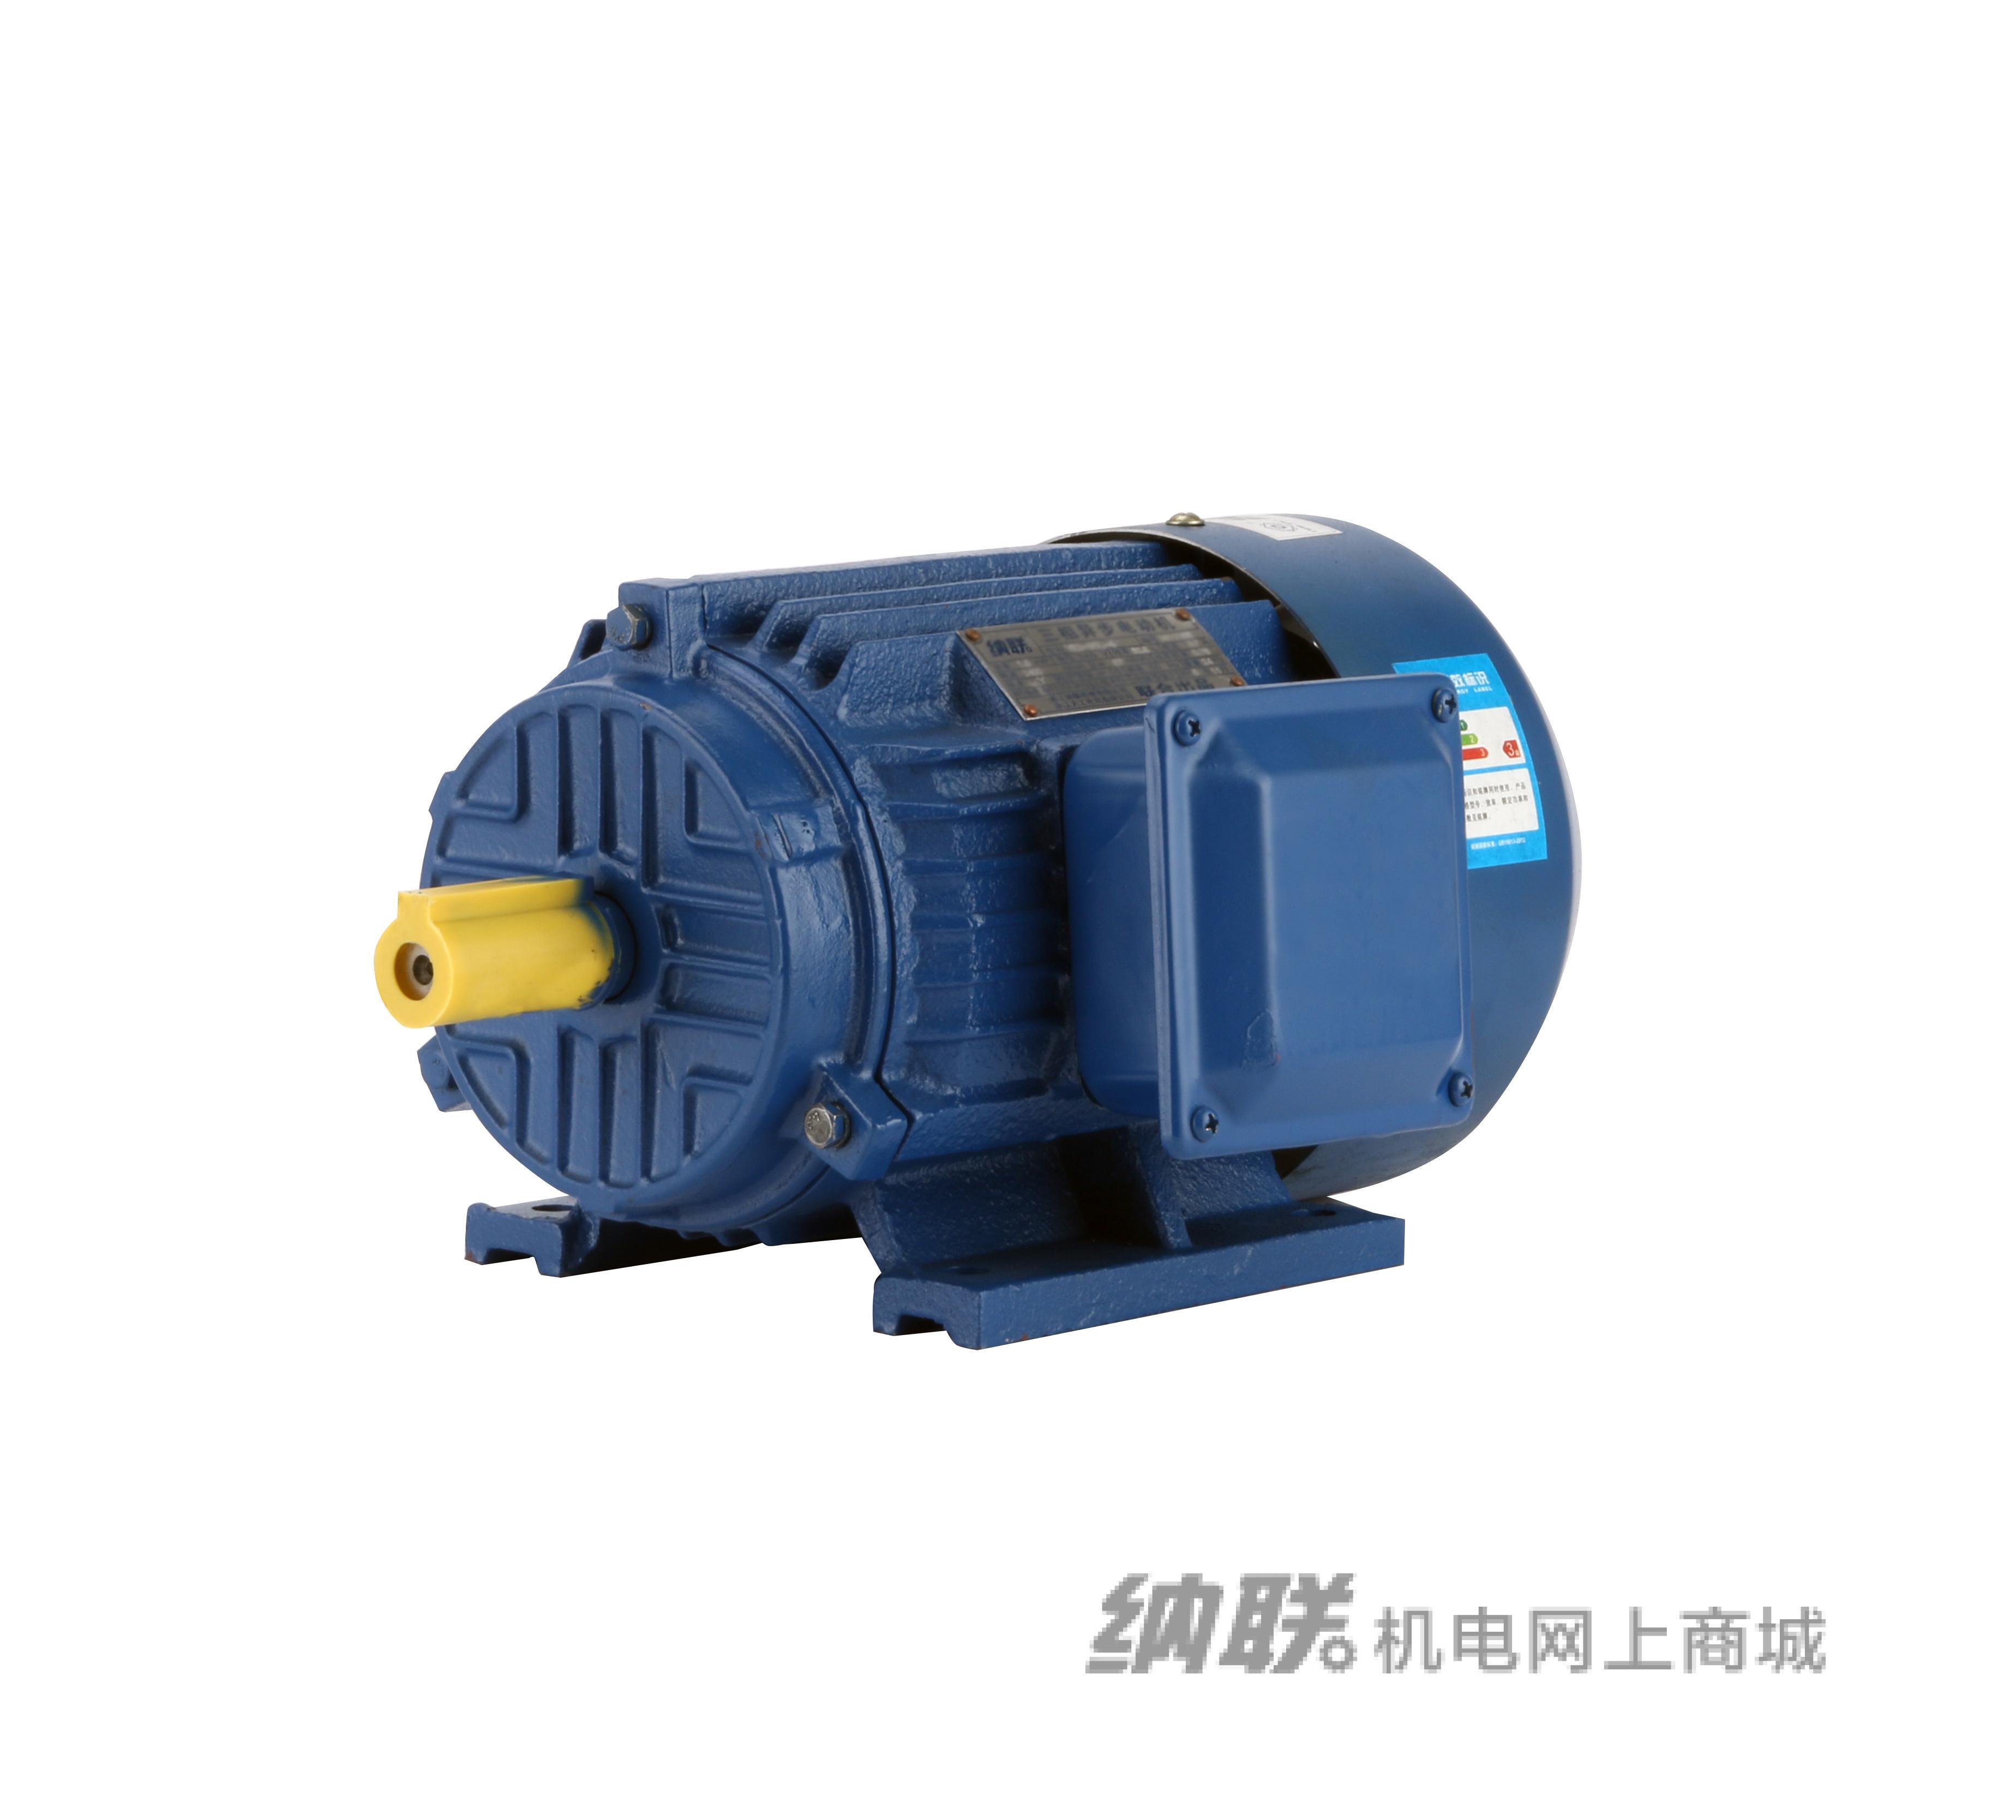 纳联机电 YE2系列电机-YE2-160L-2/18.5kw